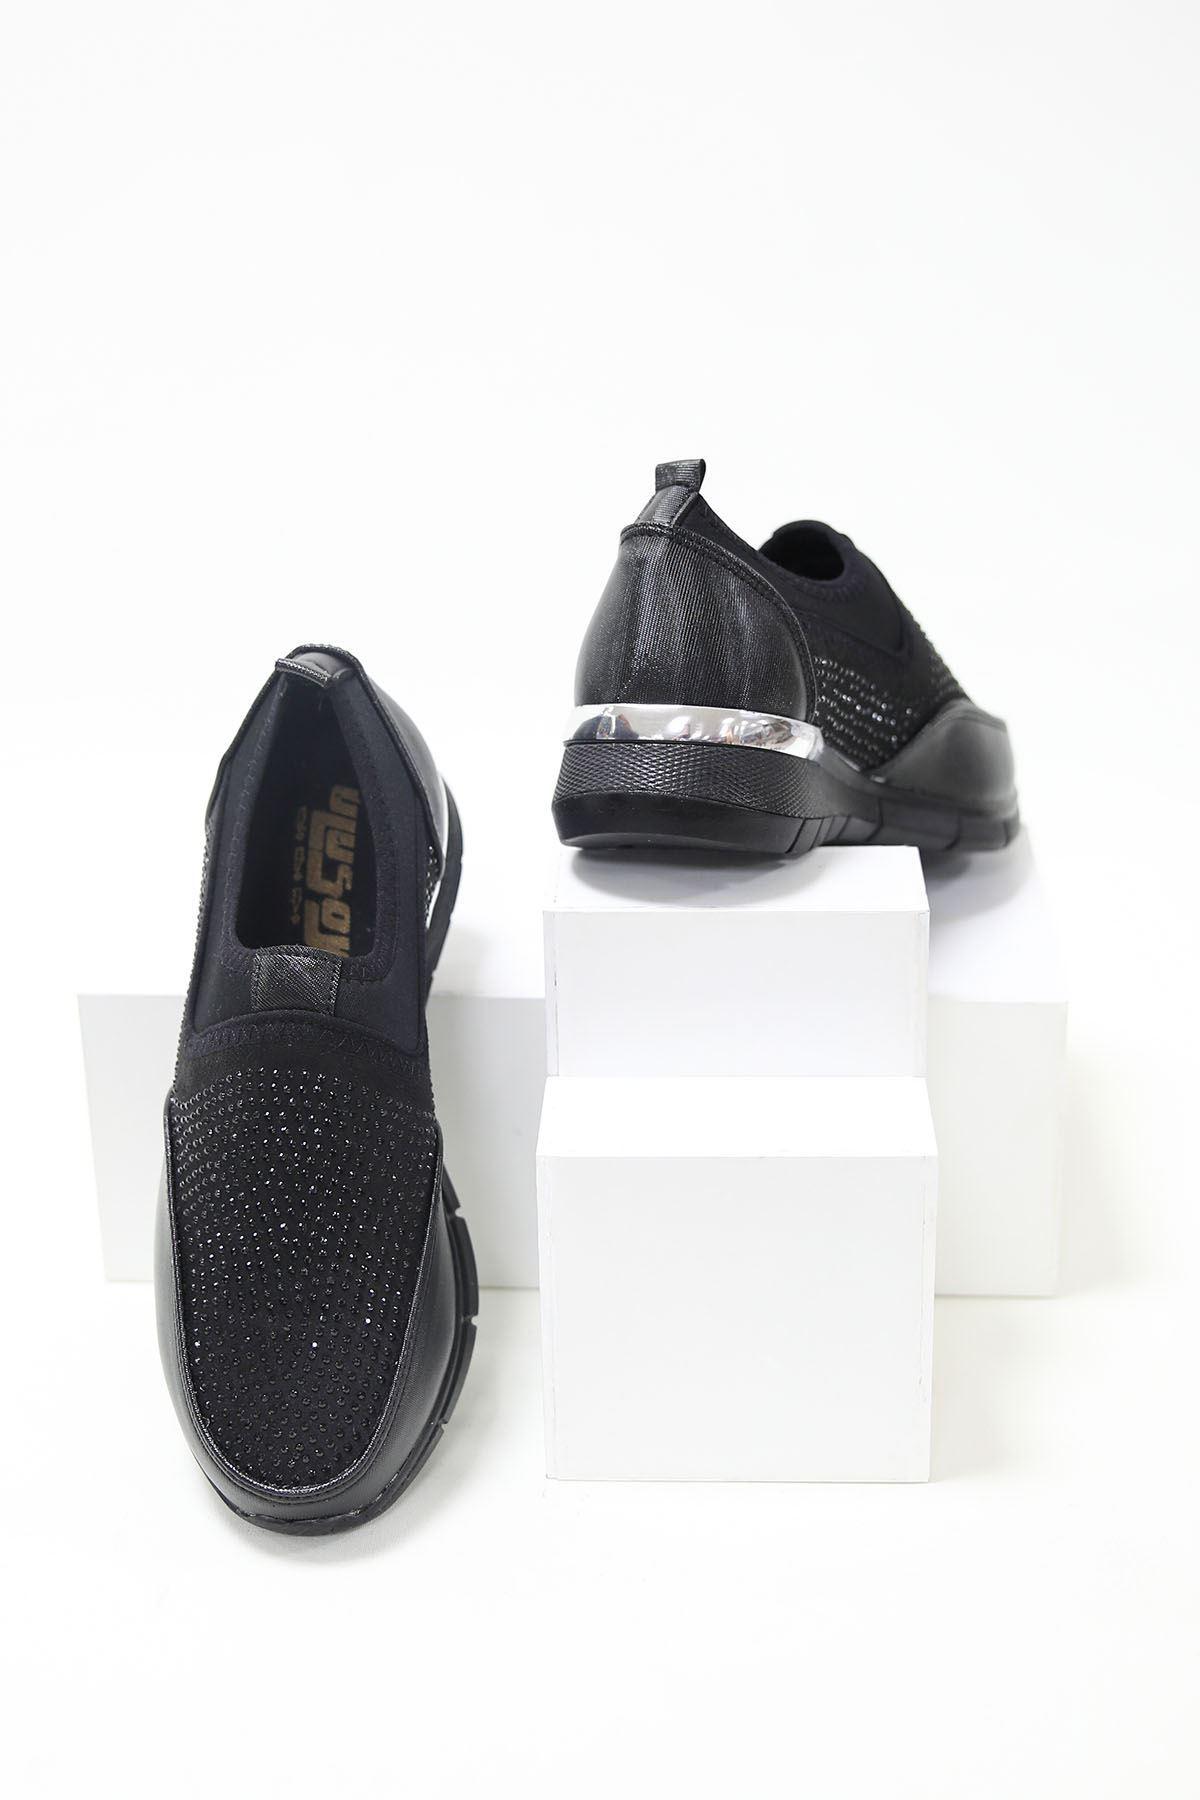 Üstü Streç Taşlı Ortopedik Pedli Siyah Spor Ayakkabı